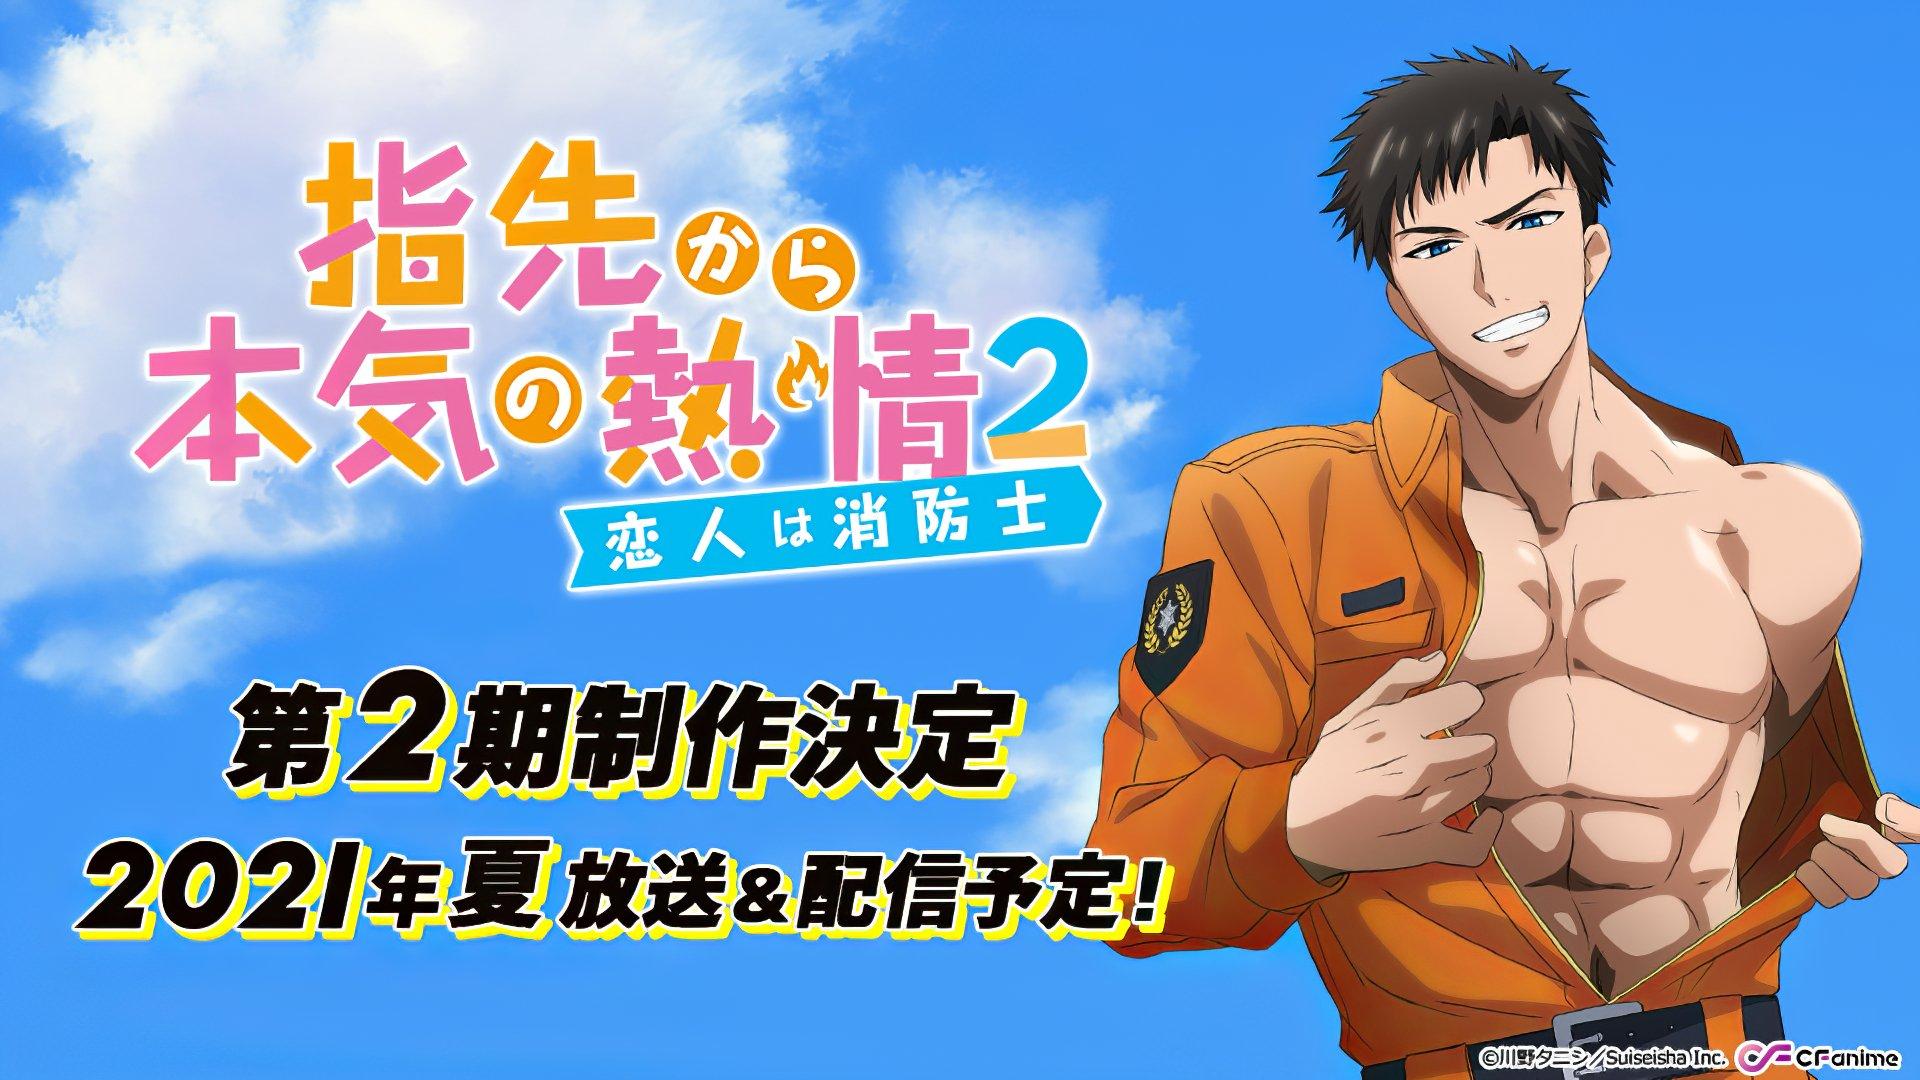 Yubisaki kara no Honki no Netsujou